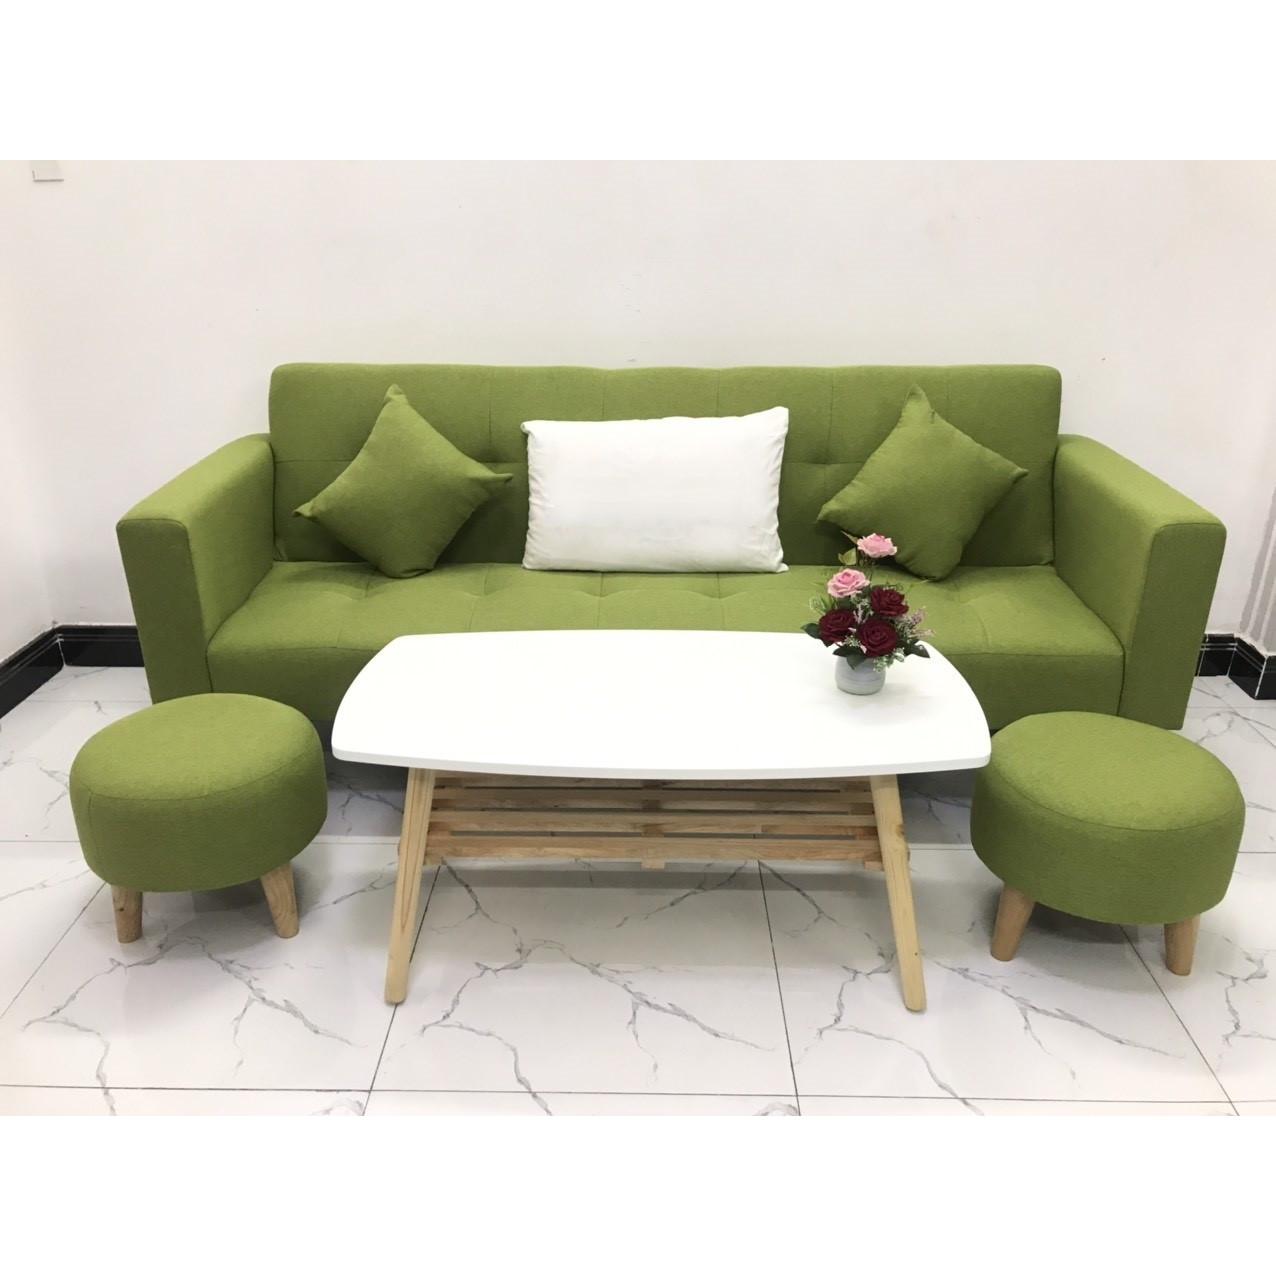 Bộ ghế sofa giường 2mx90 sofa bed tay vịn phòng khách sopha salon linco15